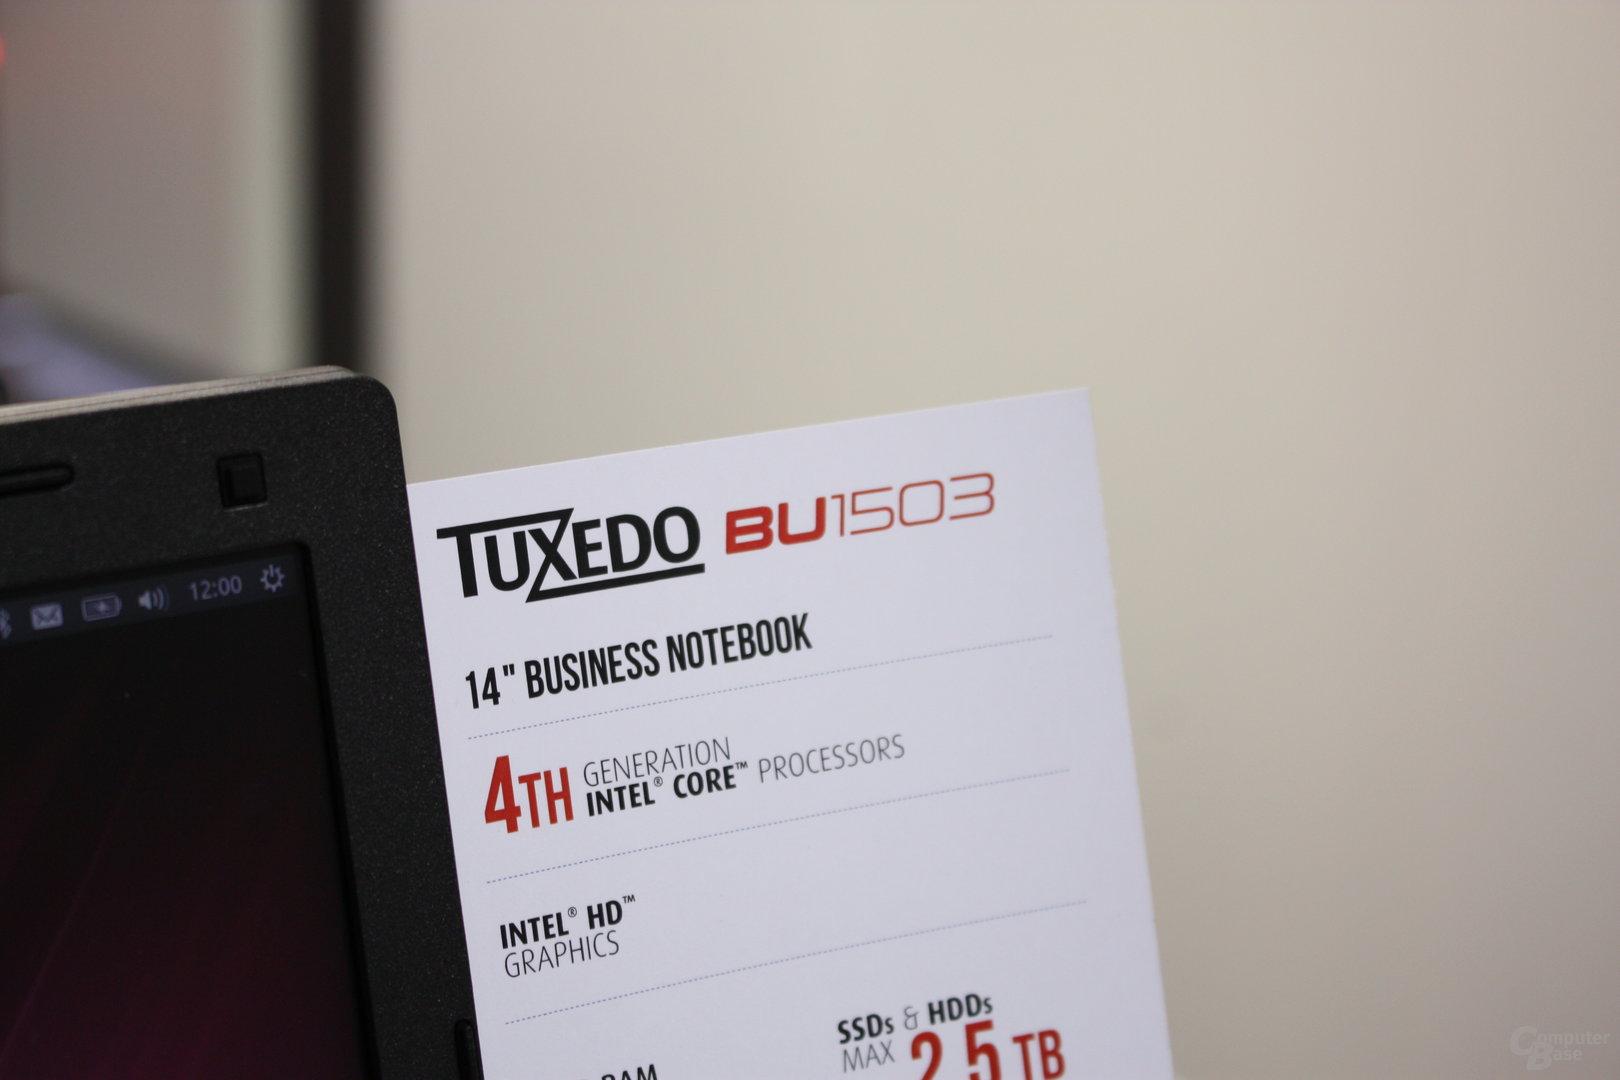 Tuxedo BU1503